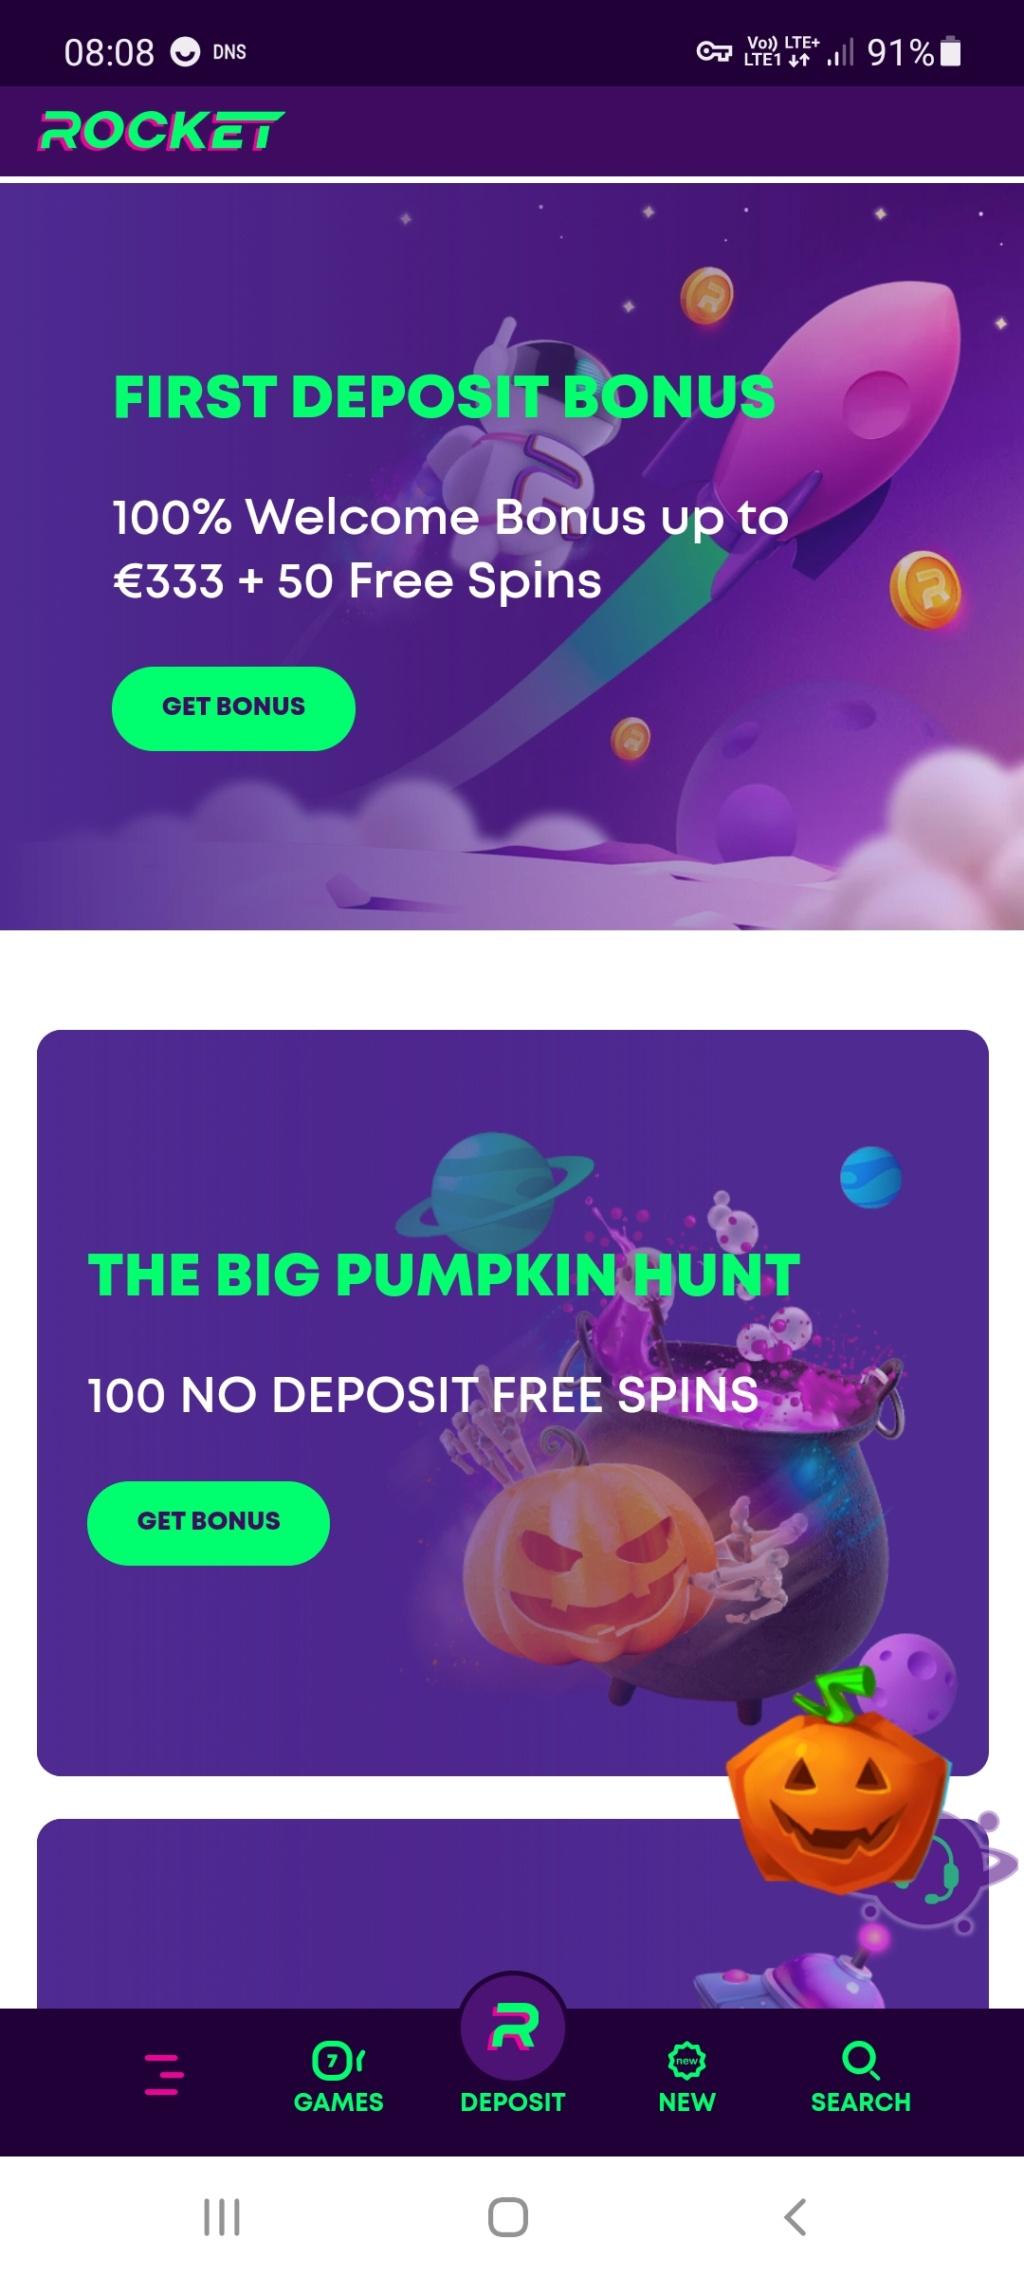 Rocket kasyno online darmowe promocje Screen31